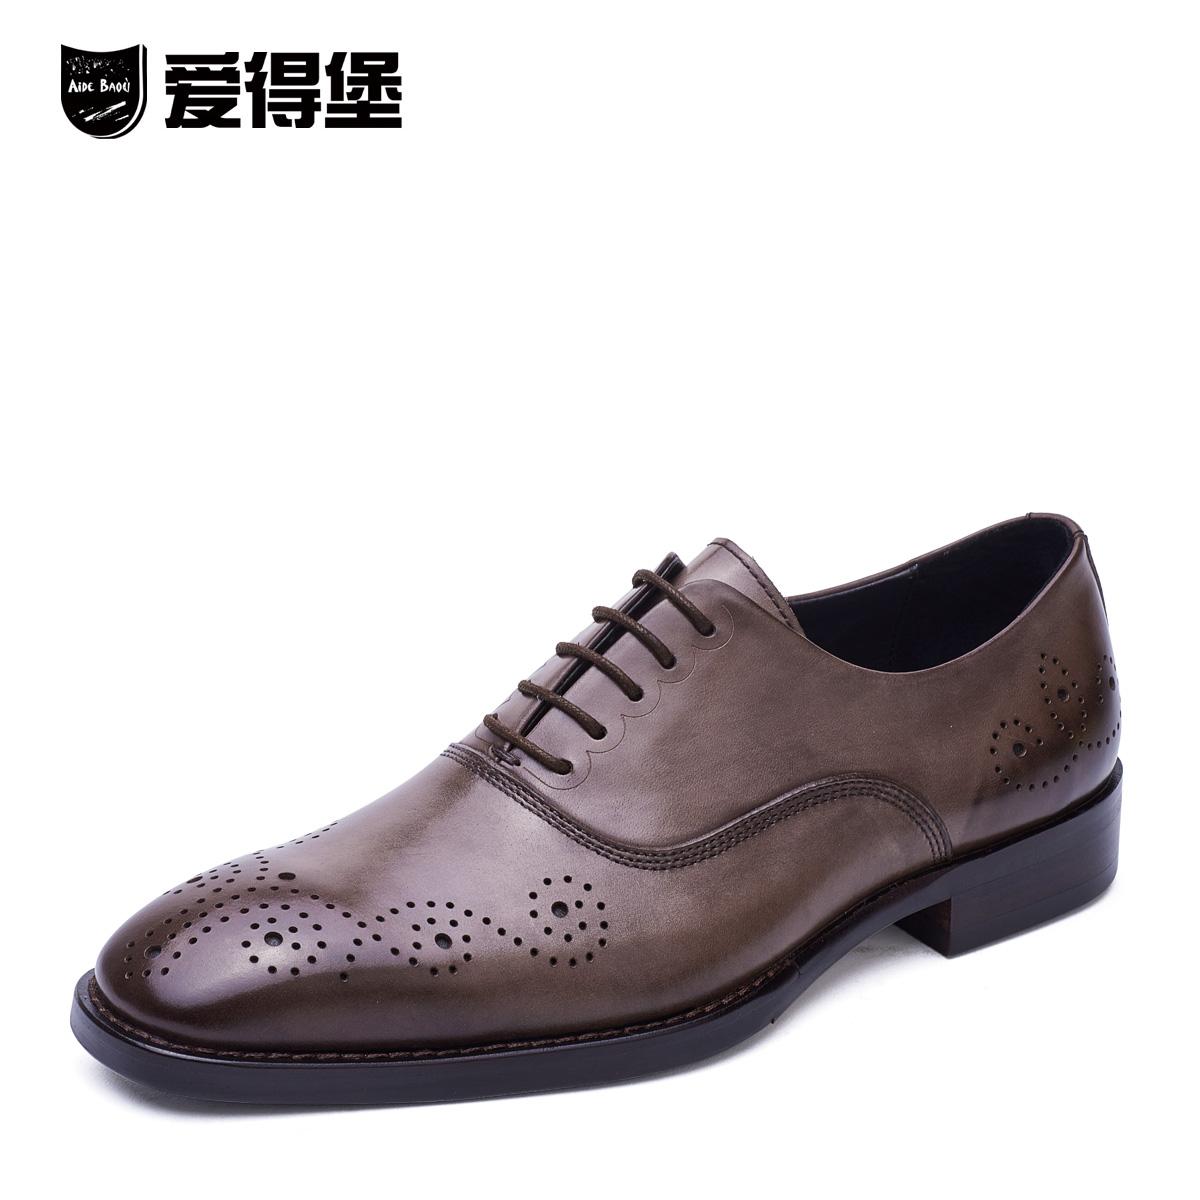 爱得堡男士皮鞋婚鞋男英伦商务皮鞋男布洛克鞋牛津鞋男黑色皮鞋